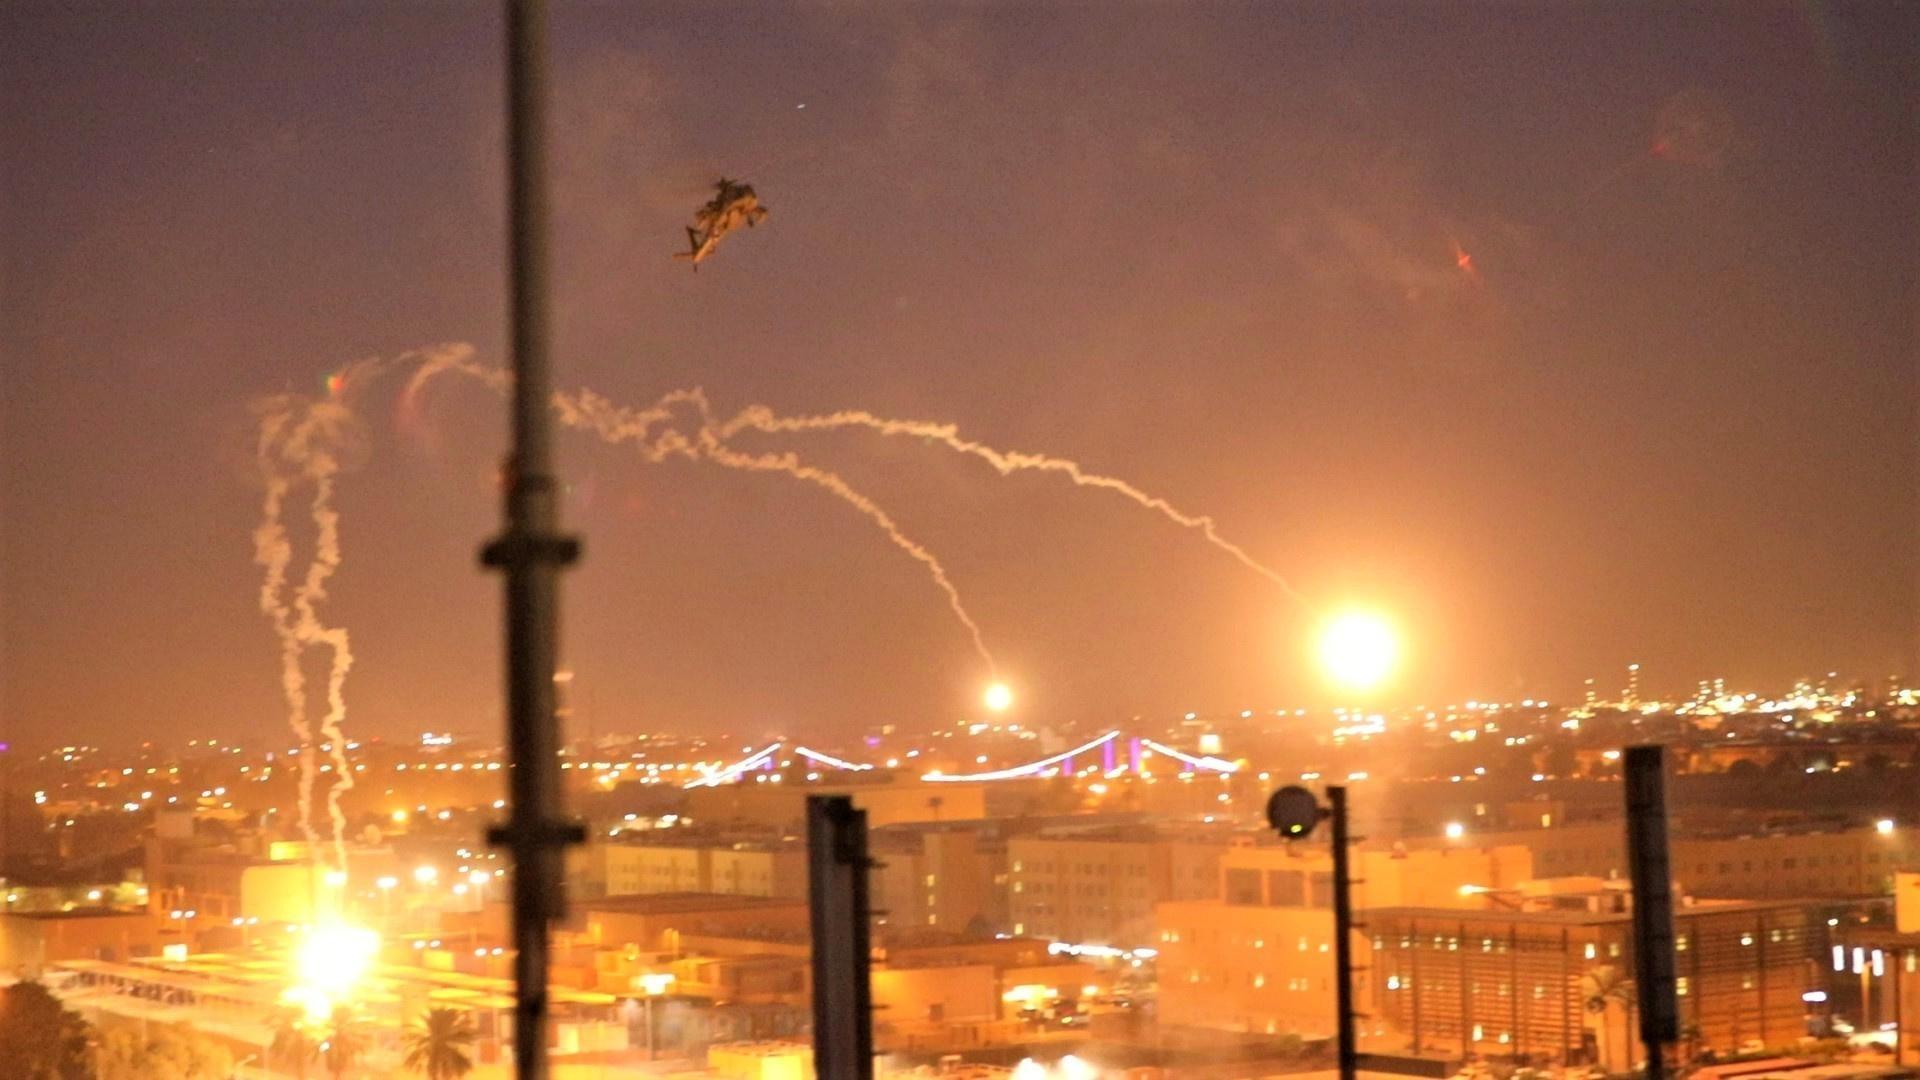 Des manifestants brûlent un poste de sécurité à l'ambassade des États-Unis en Irak; Le Pentagone envoie plus de troupes dans la région